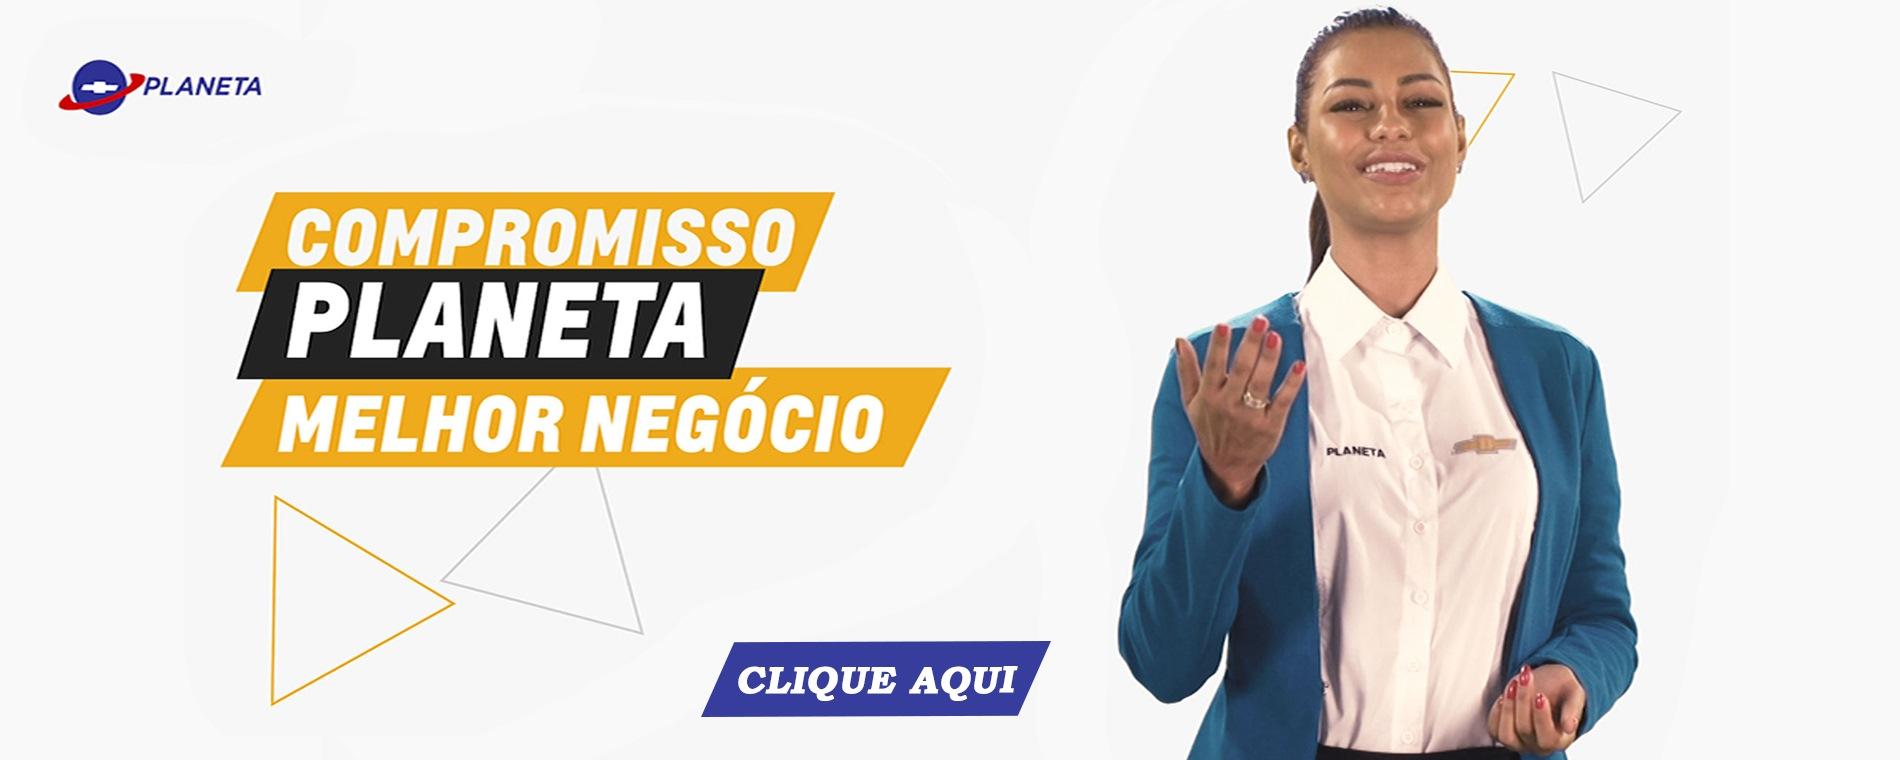 COMPROMISSO DE MELHOR NEGOCIO